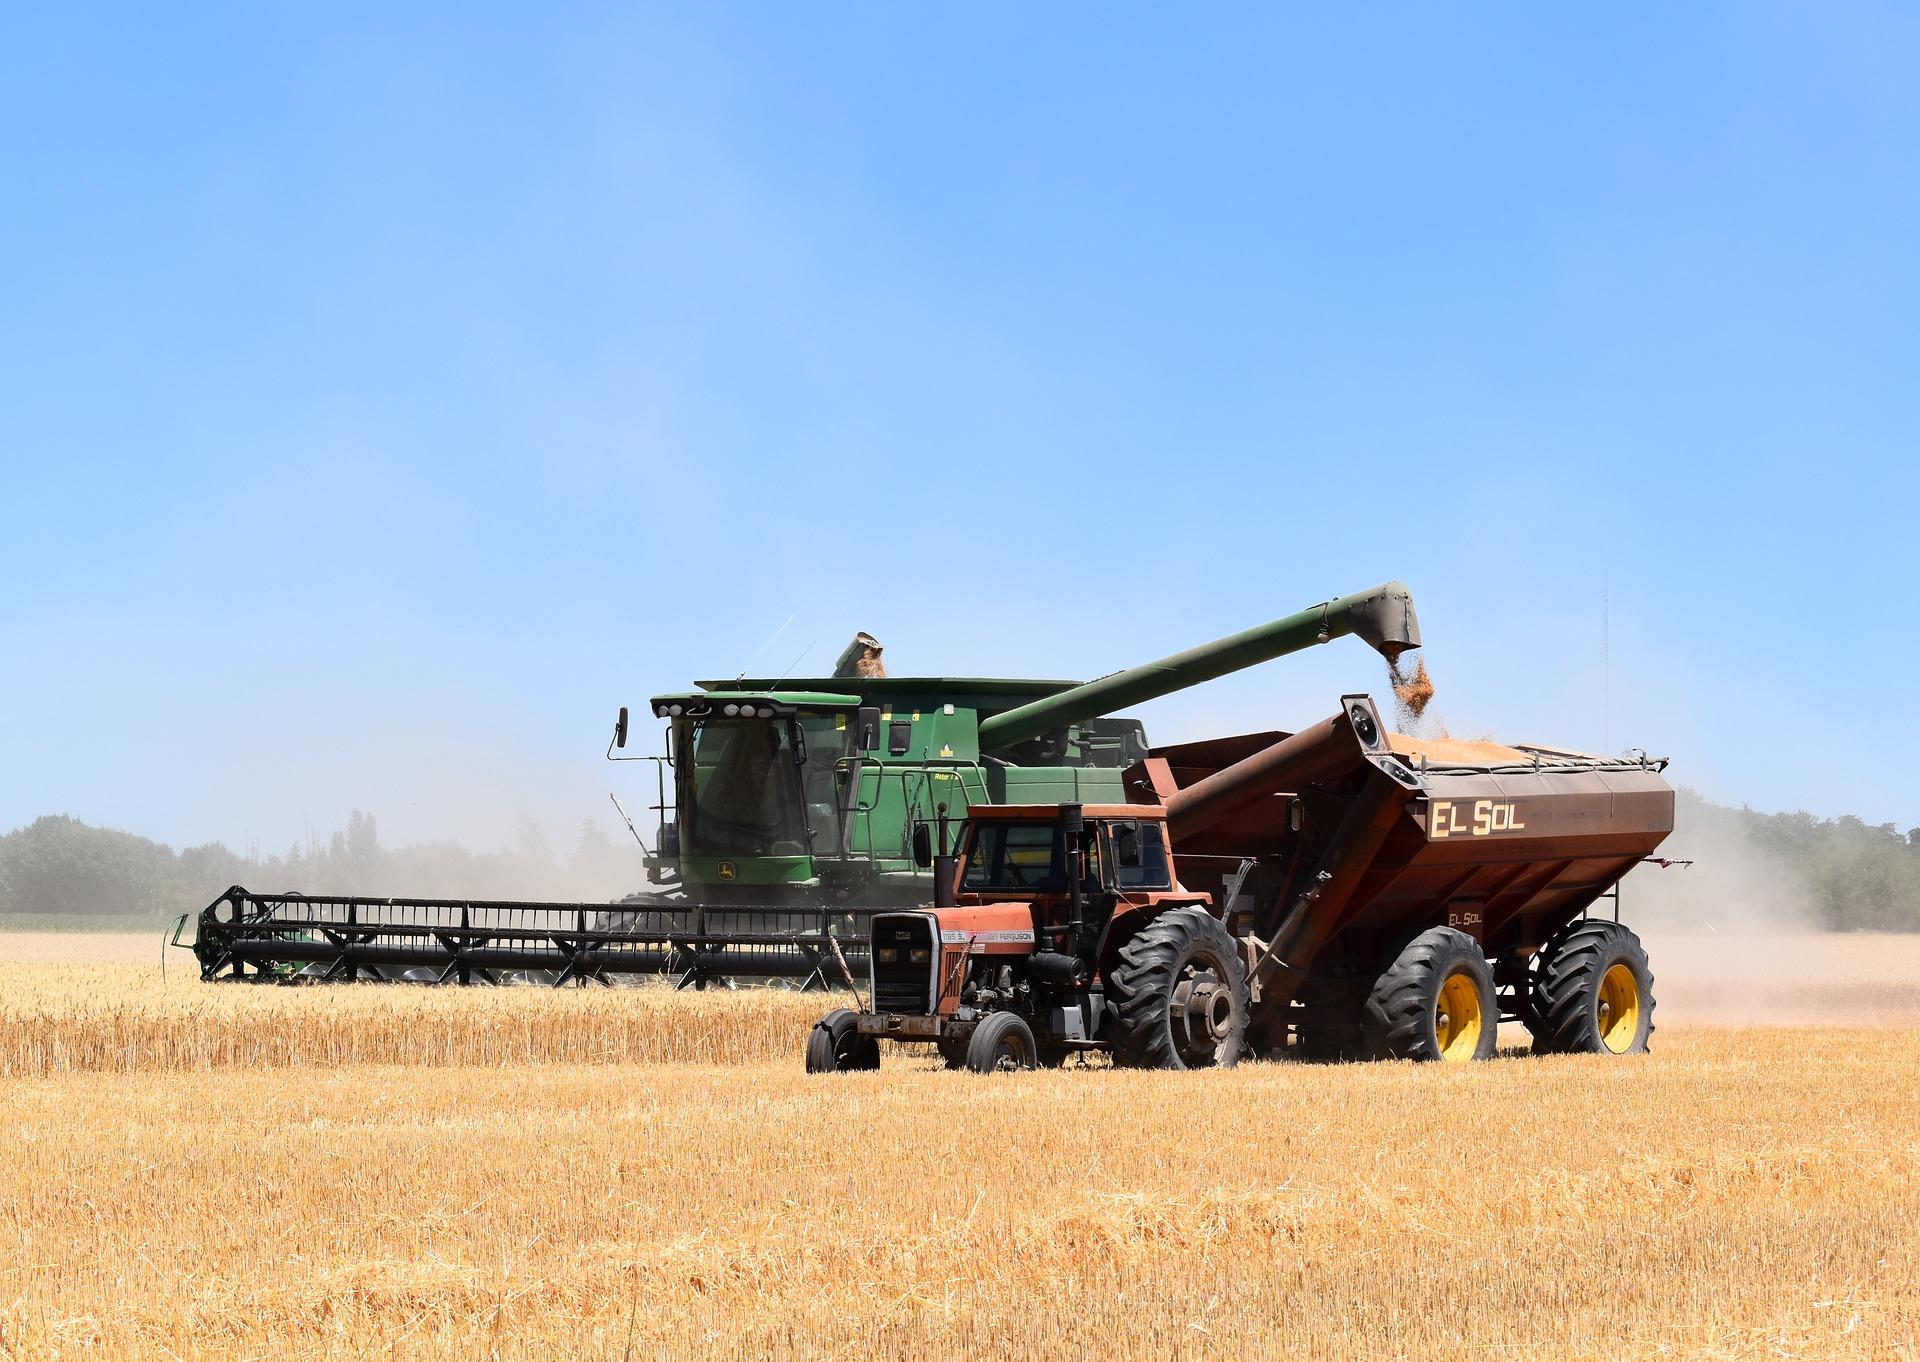 A combine harvests a crop